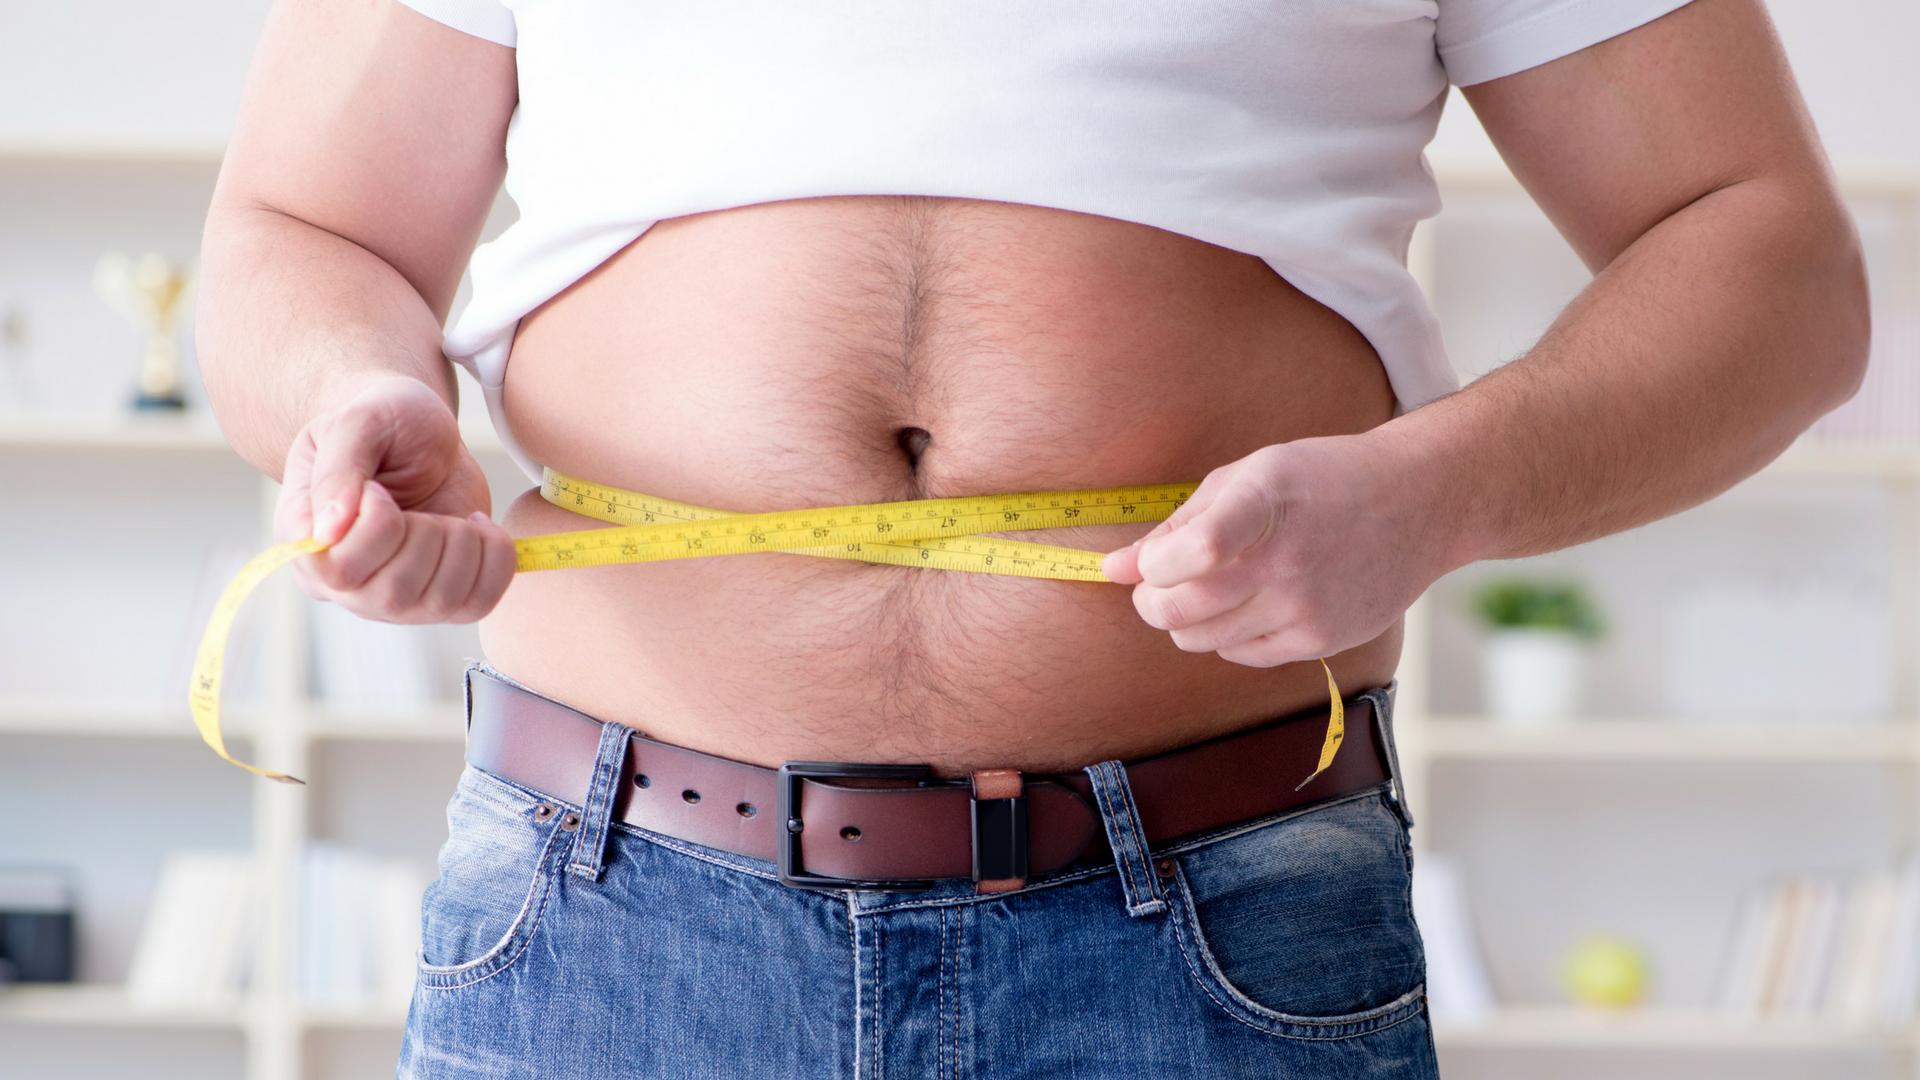 Poletage rasva sisemise ja valimise reide Kuidas poletada AB-rasva